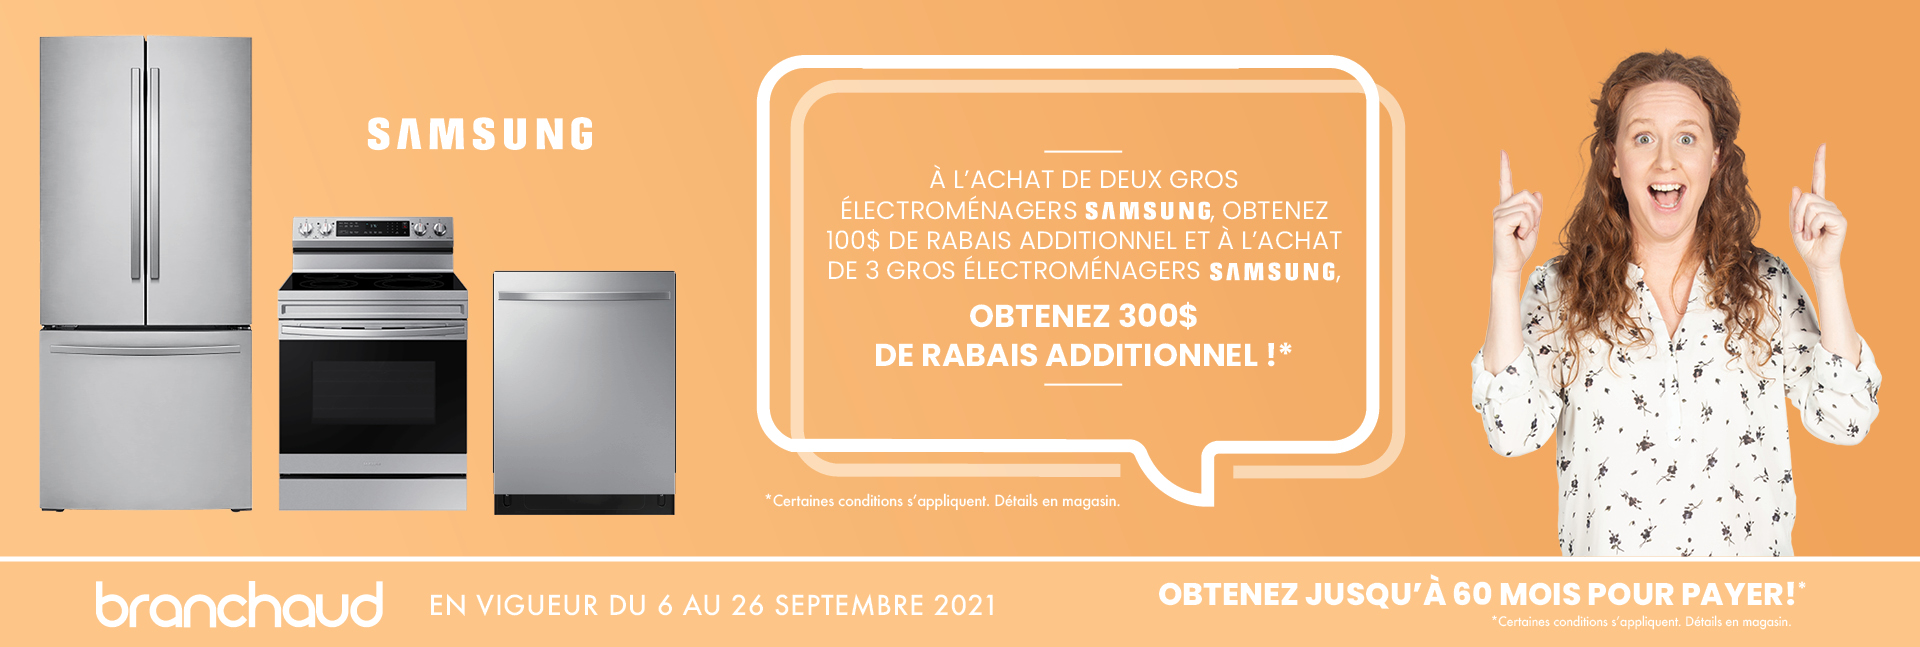 Promotions - Septembre 2021